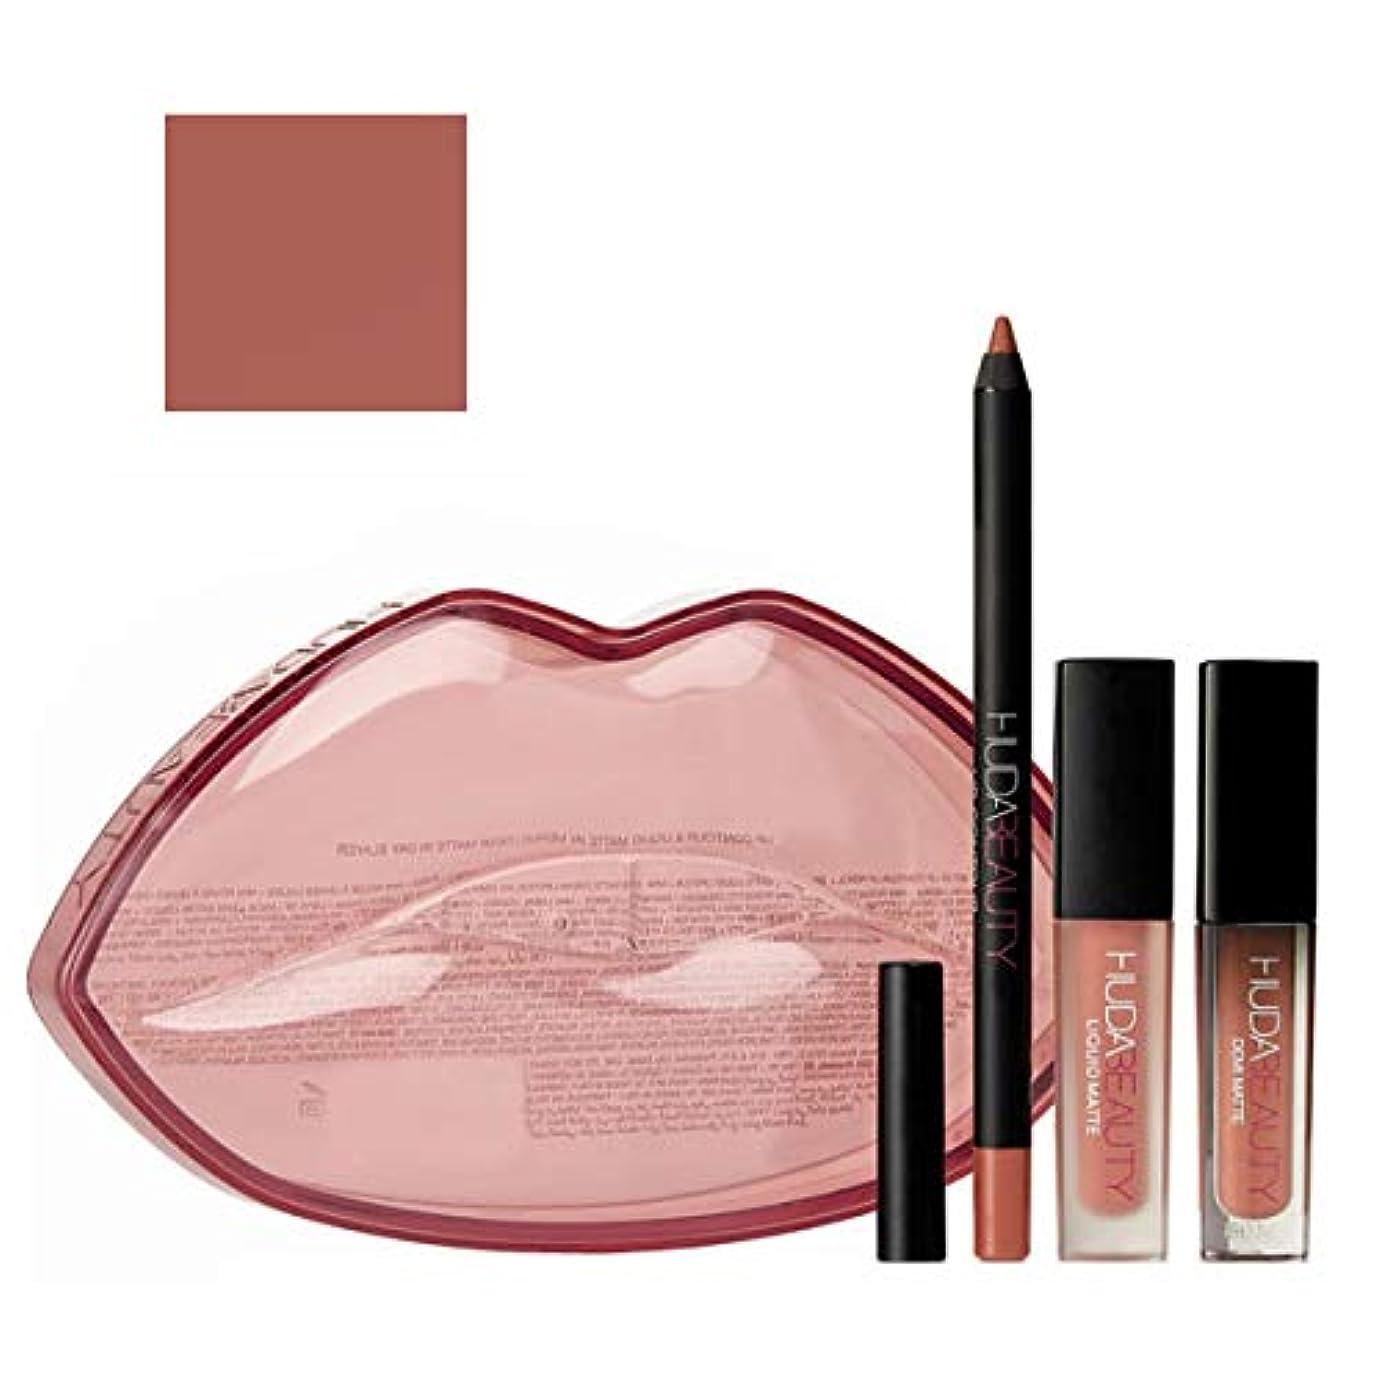 フェミニン注入する雪HUDA BEAUTY 限定版 Demi Matte & Cream Lip Set - Mogul & Bombshell [海外直送品] [並行輸入品]